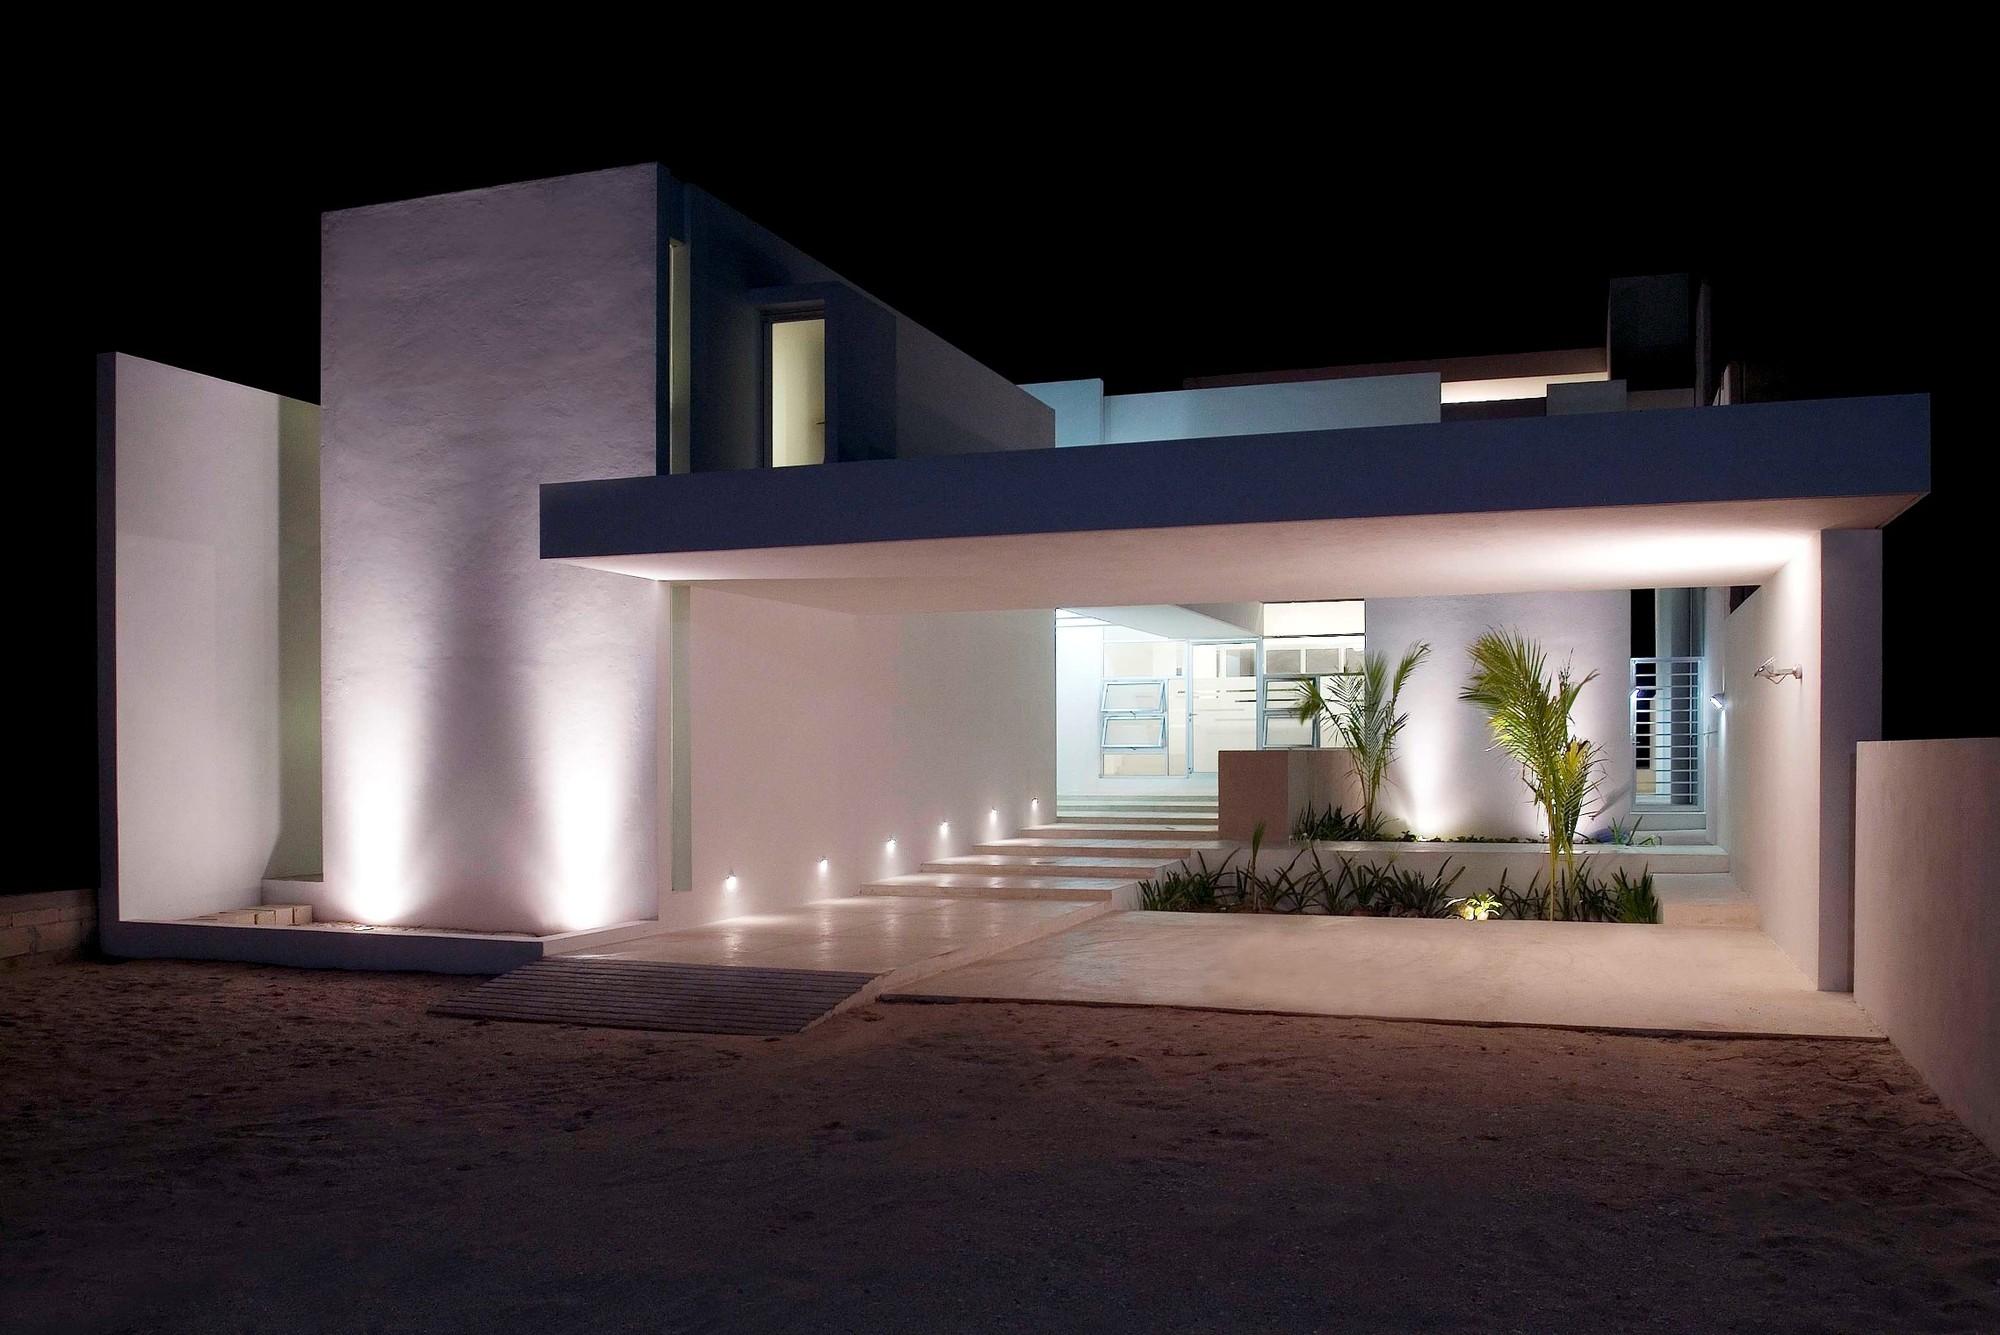 Galer a de casa escalonada seijo peon arquitectos 1 for Fachadas de casas con lamparas